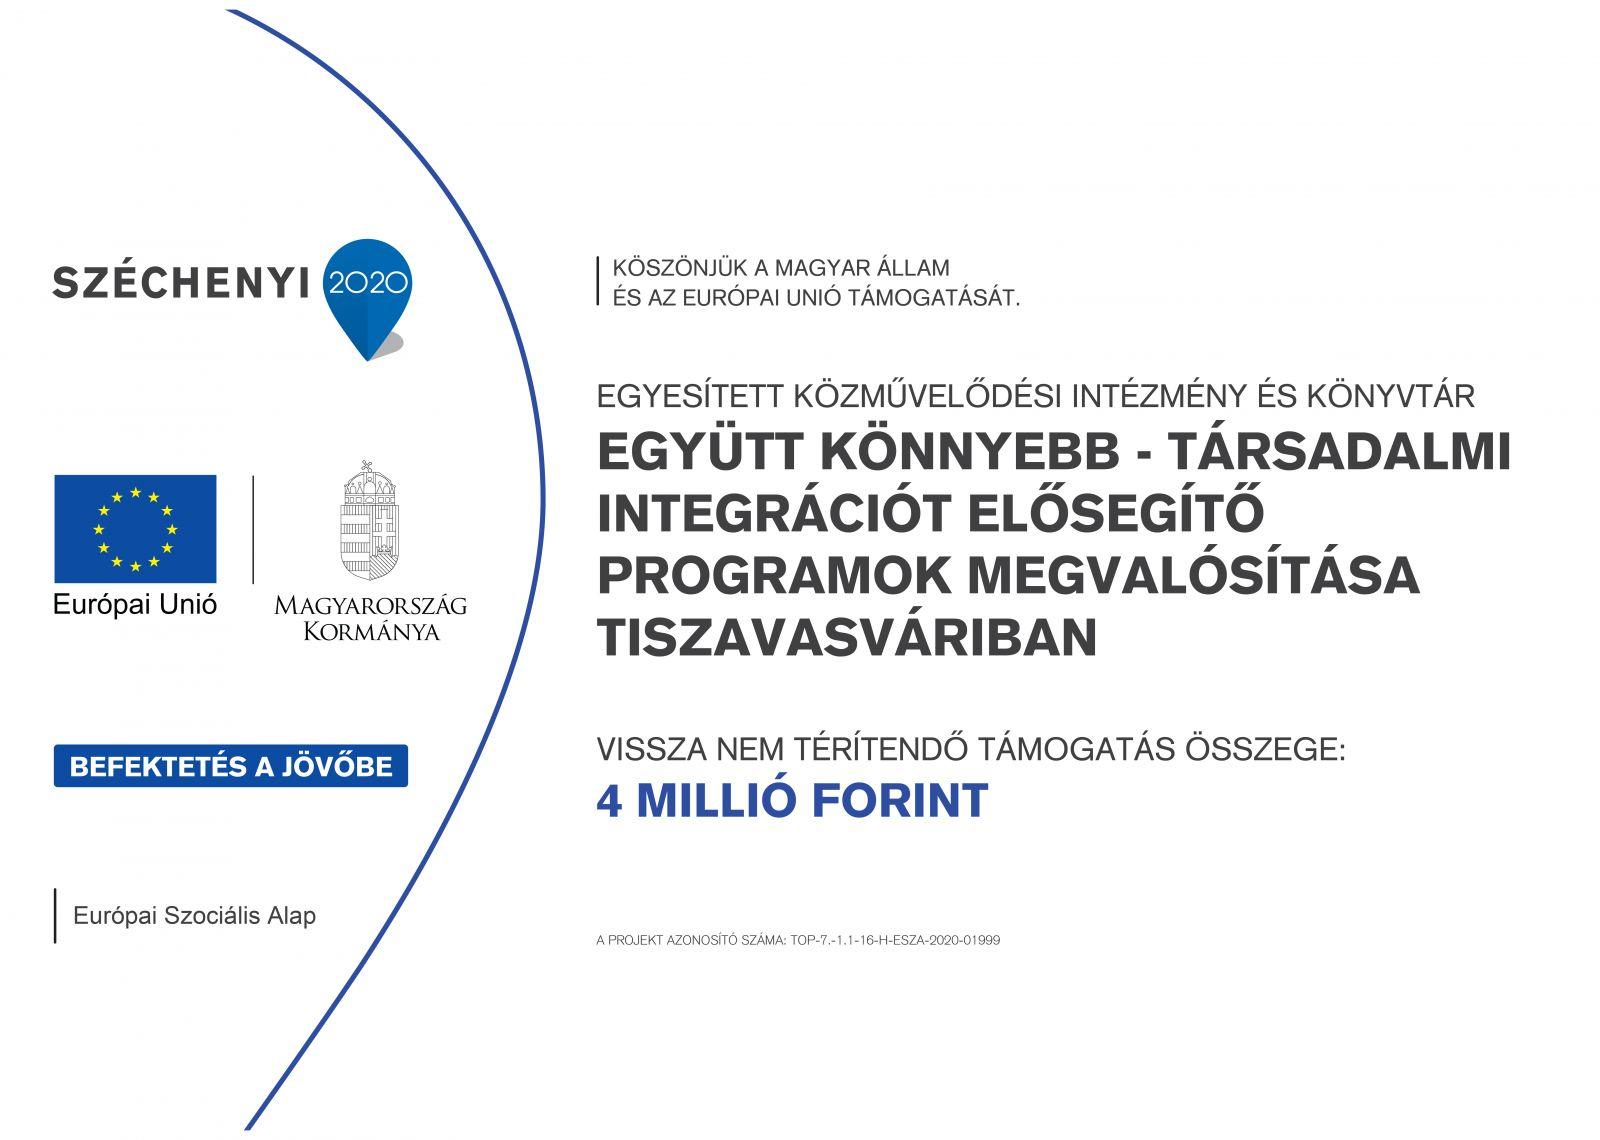 Együtt könnyebb - Társadalmi integrációt elősegítő programok megvalósítása Tiszavasváriban!